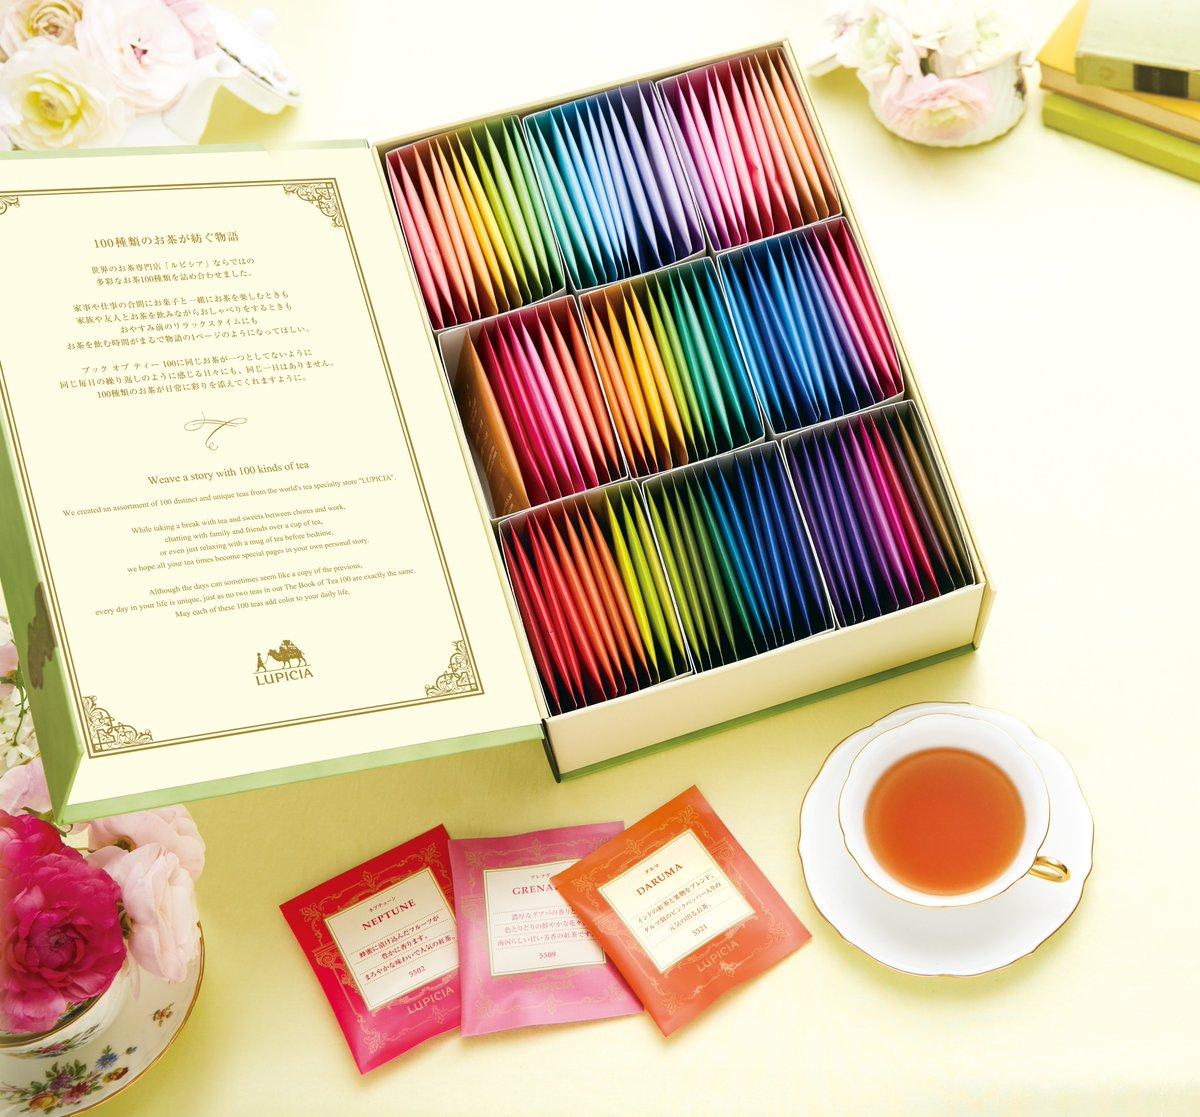 『ルピシア』世界のお茶100種が可愛い!本型ボックス『ブックオブティー100』がギフトにもおすすめ!